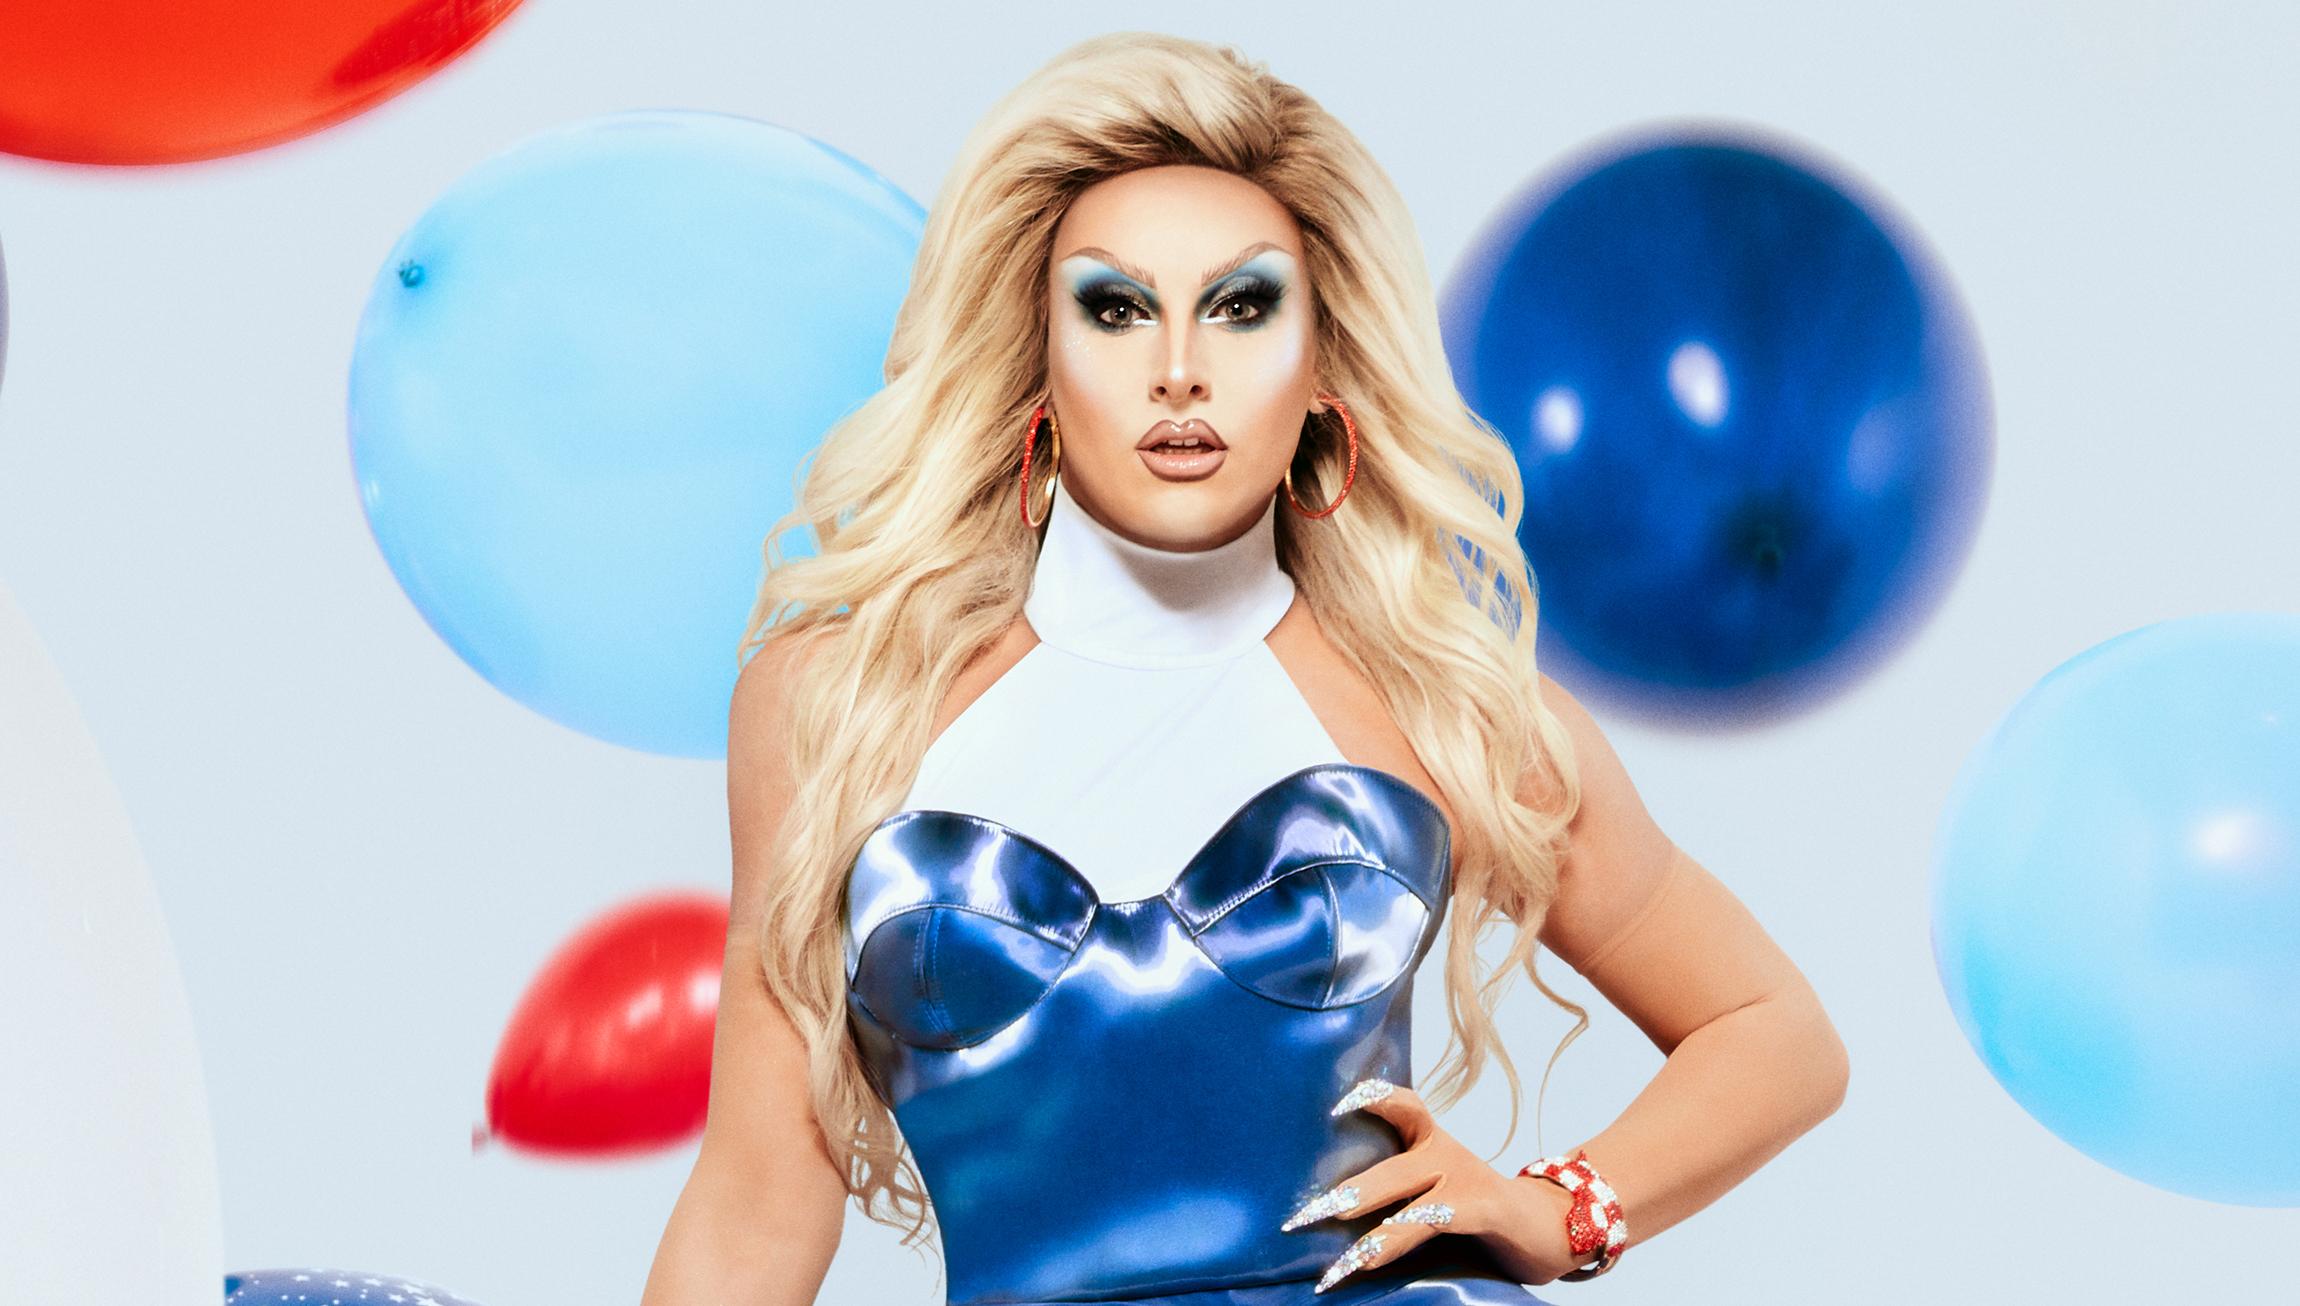 Meet Jan The Singing Queen From Rupaul S Drag Race Season 12